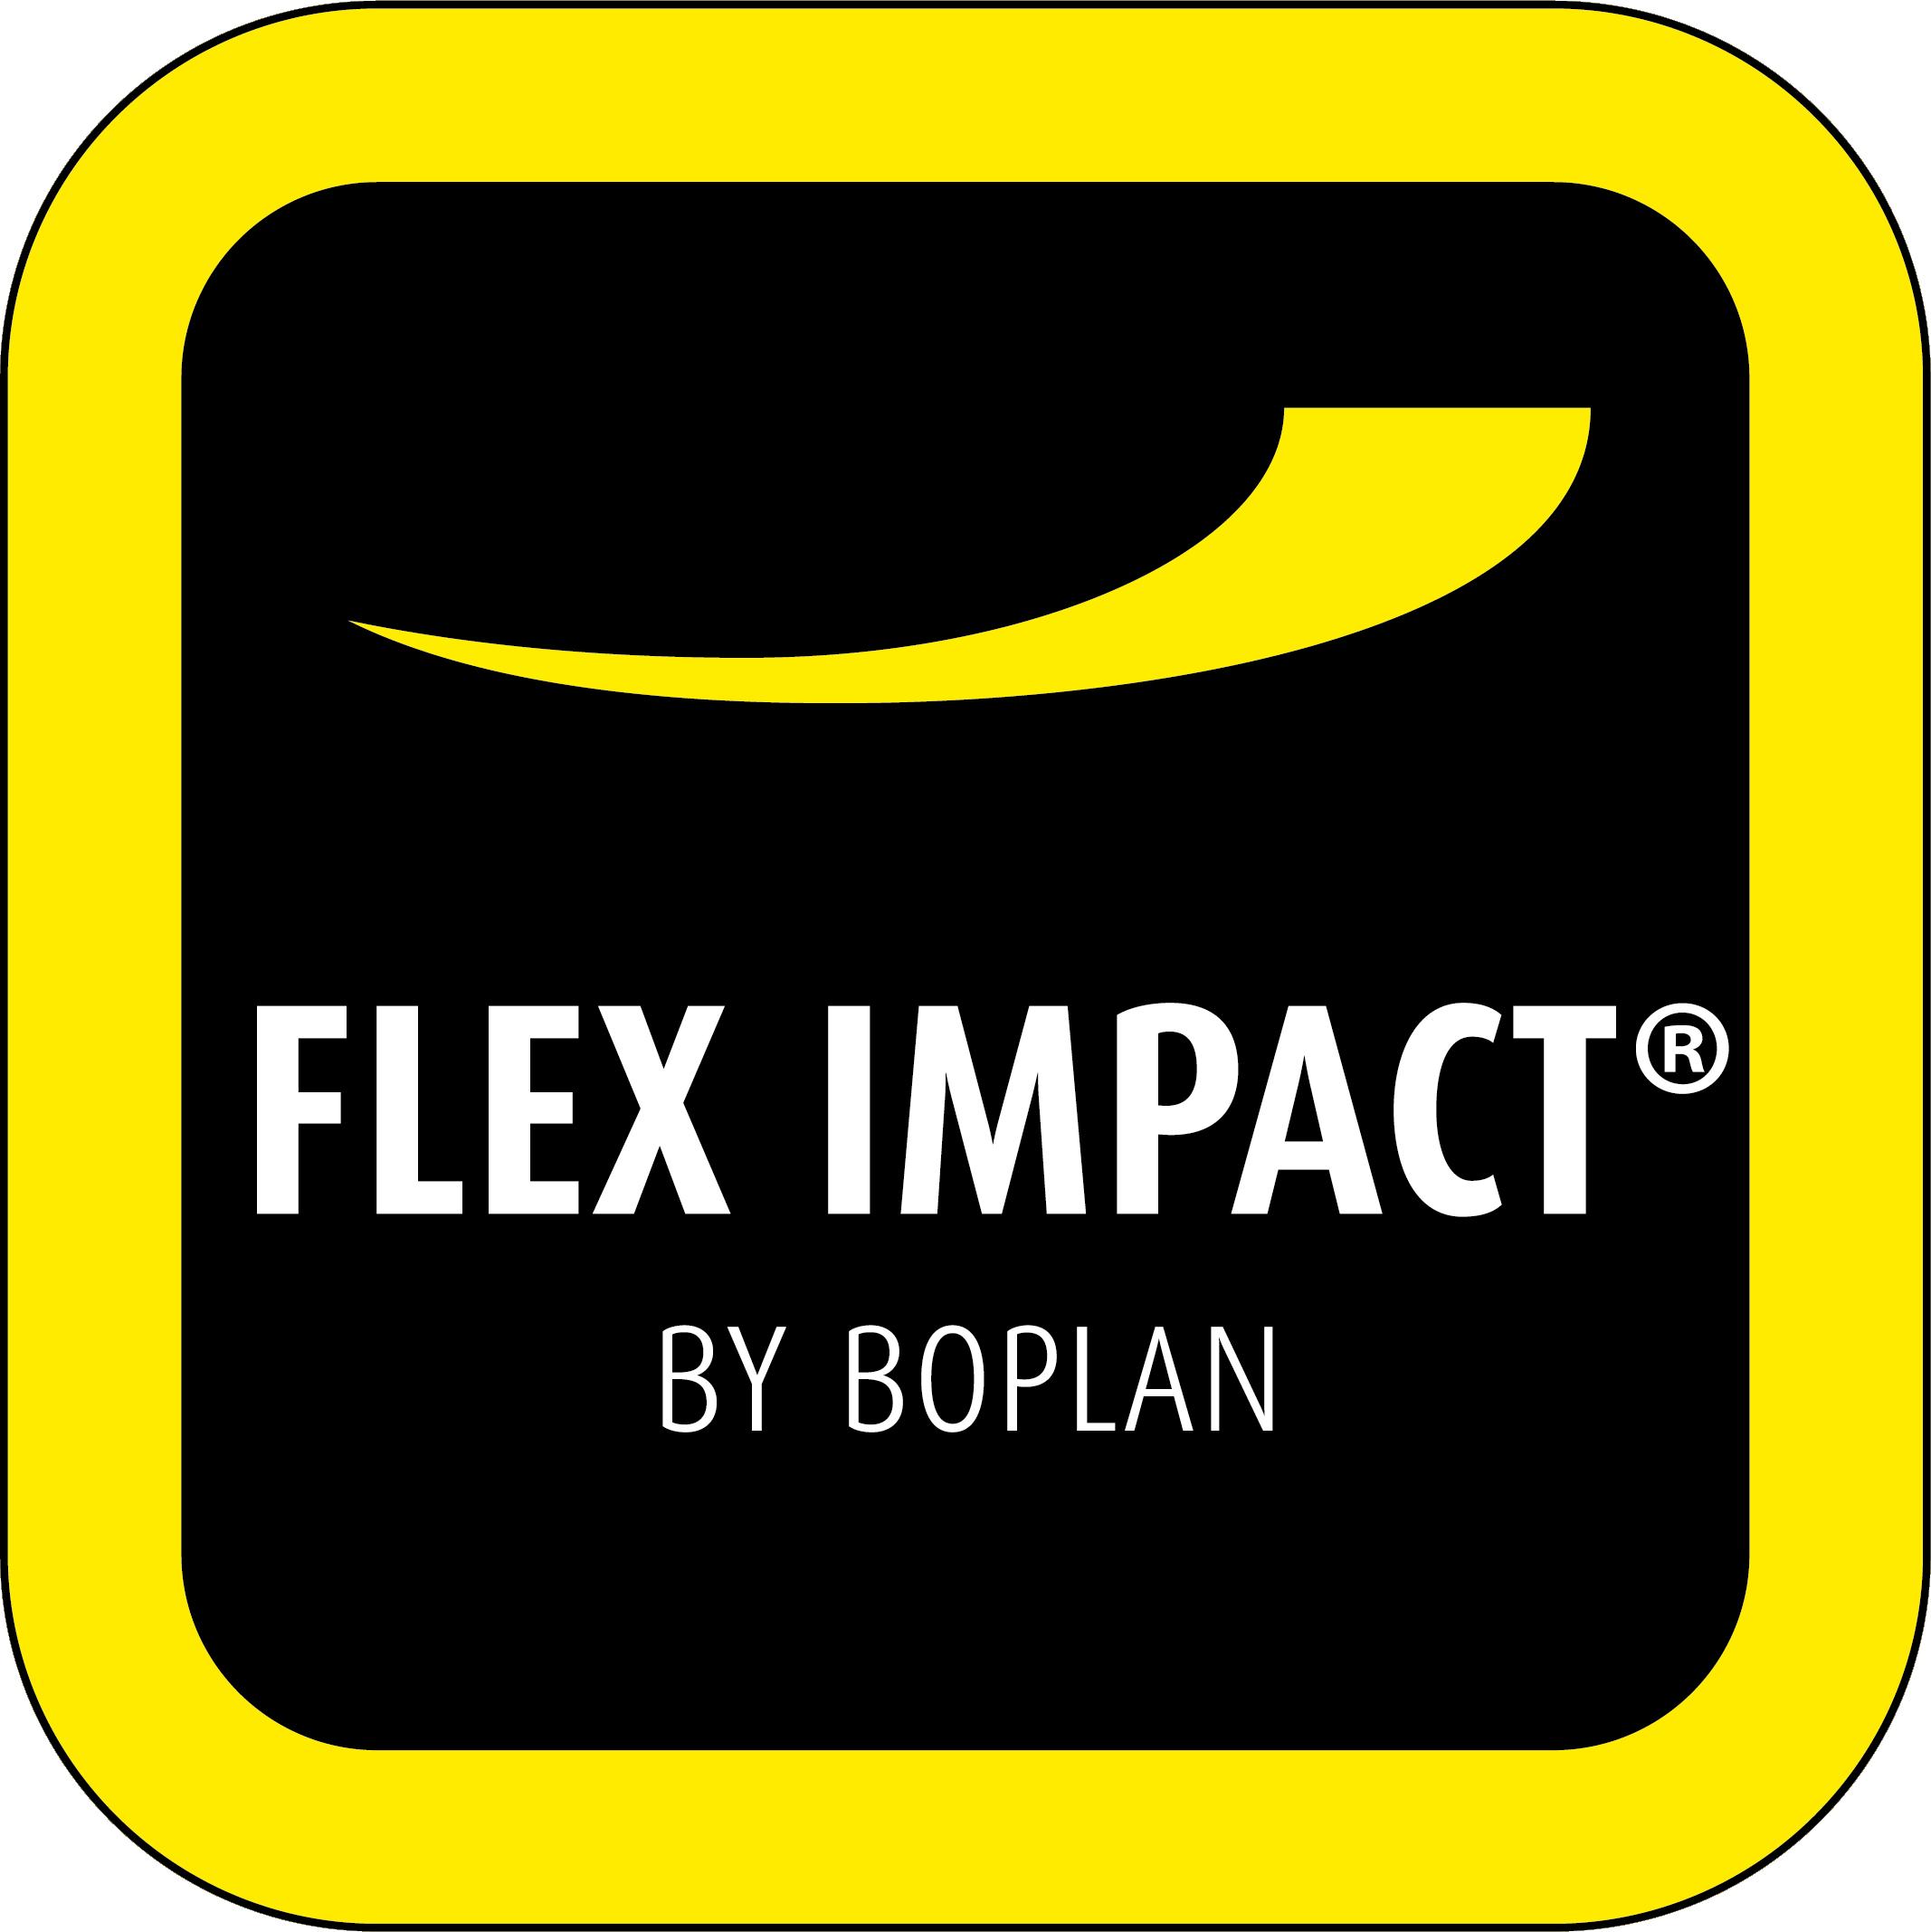 Flex Impact logo by Boplan